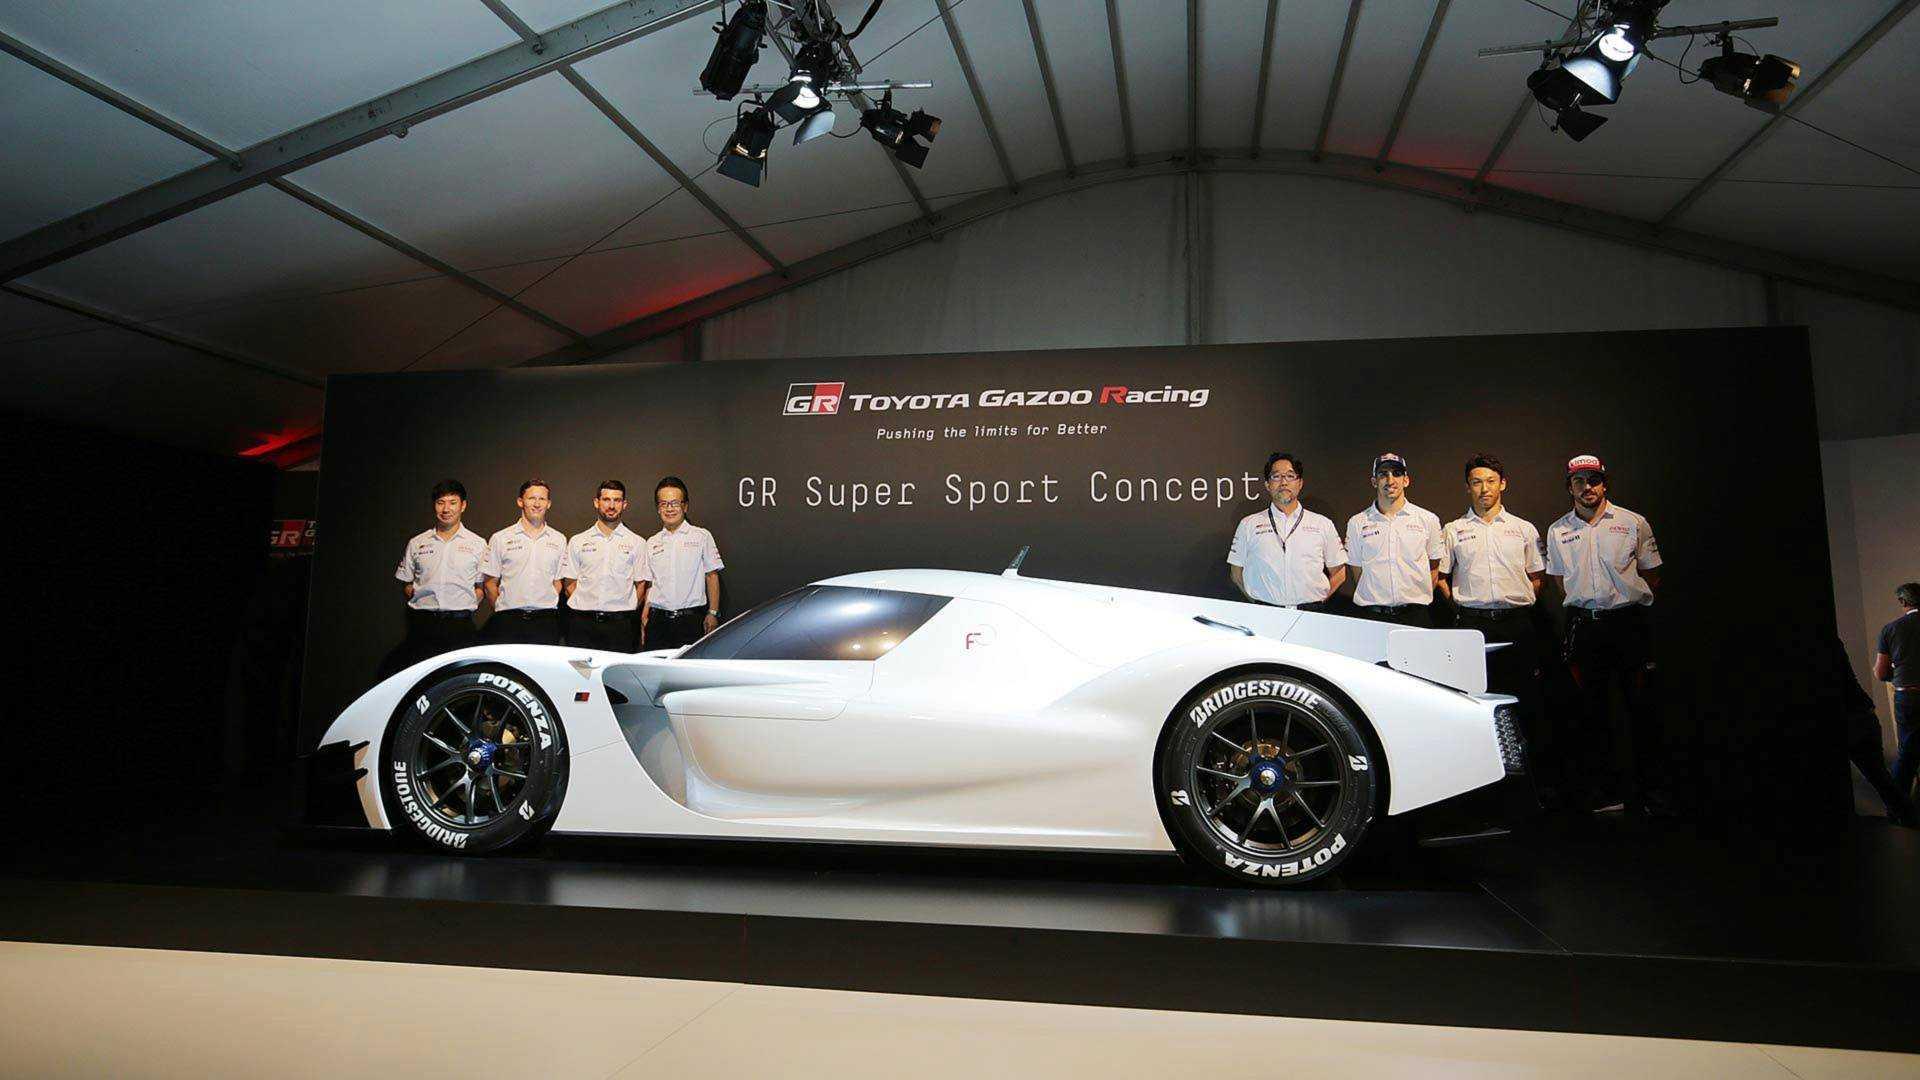 https://cdn.motor1.com/images/mgl/1llz9/s6/toyota-gr-super-sport-concept-live-photos.jpg